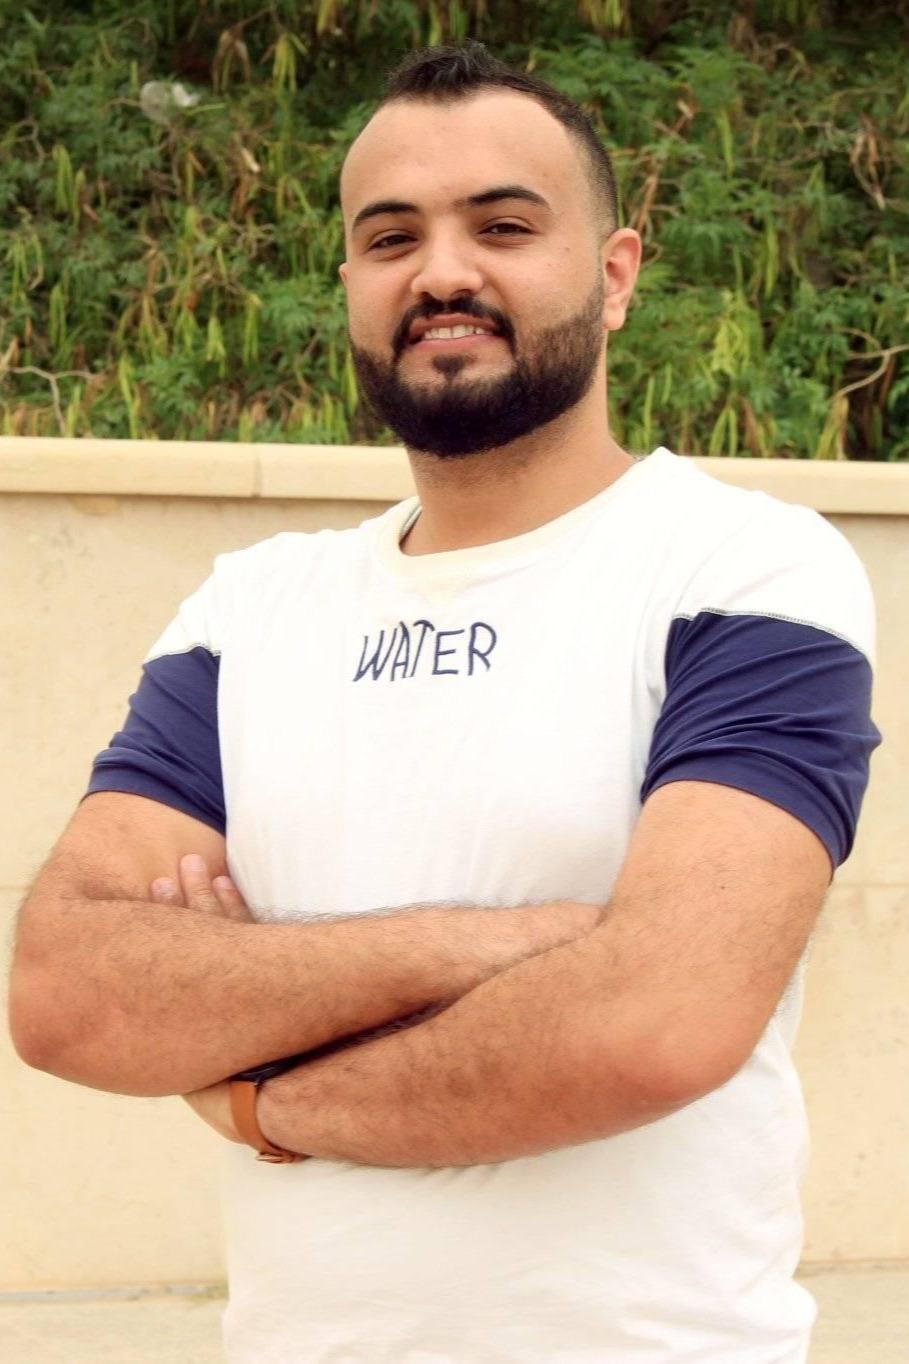 Maged Al-Moqbeli